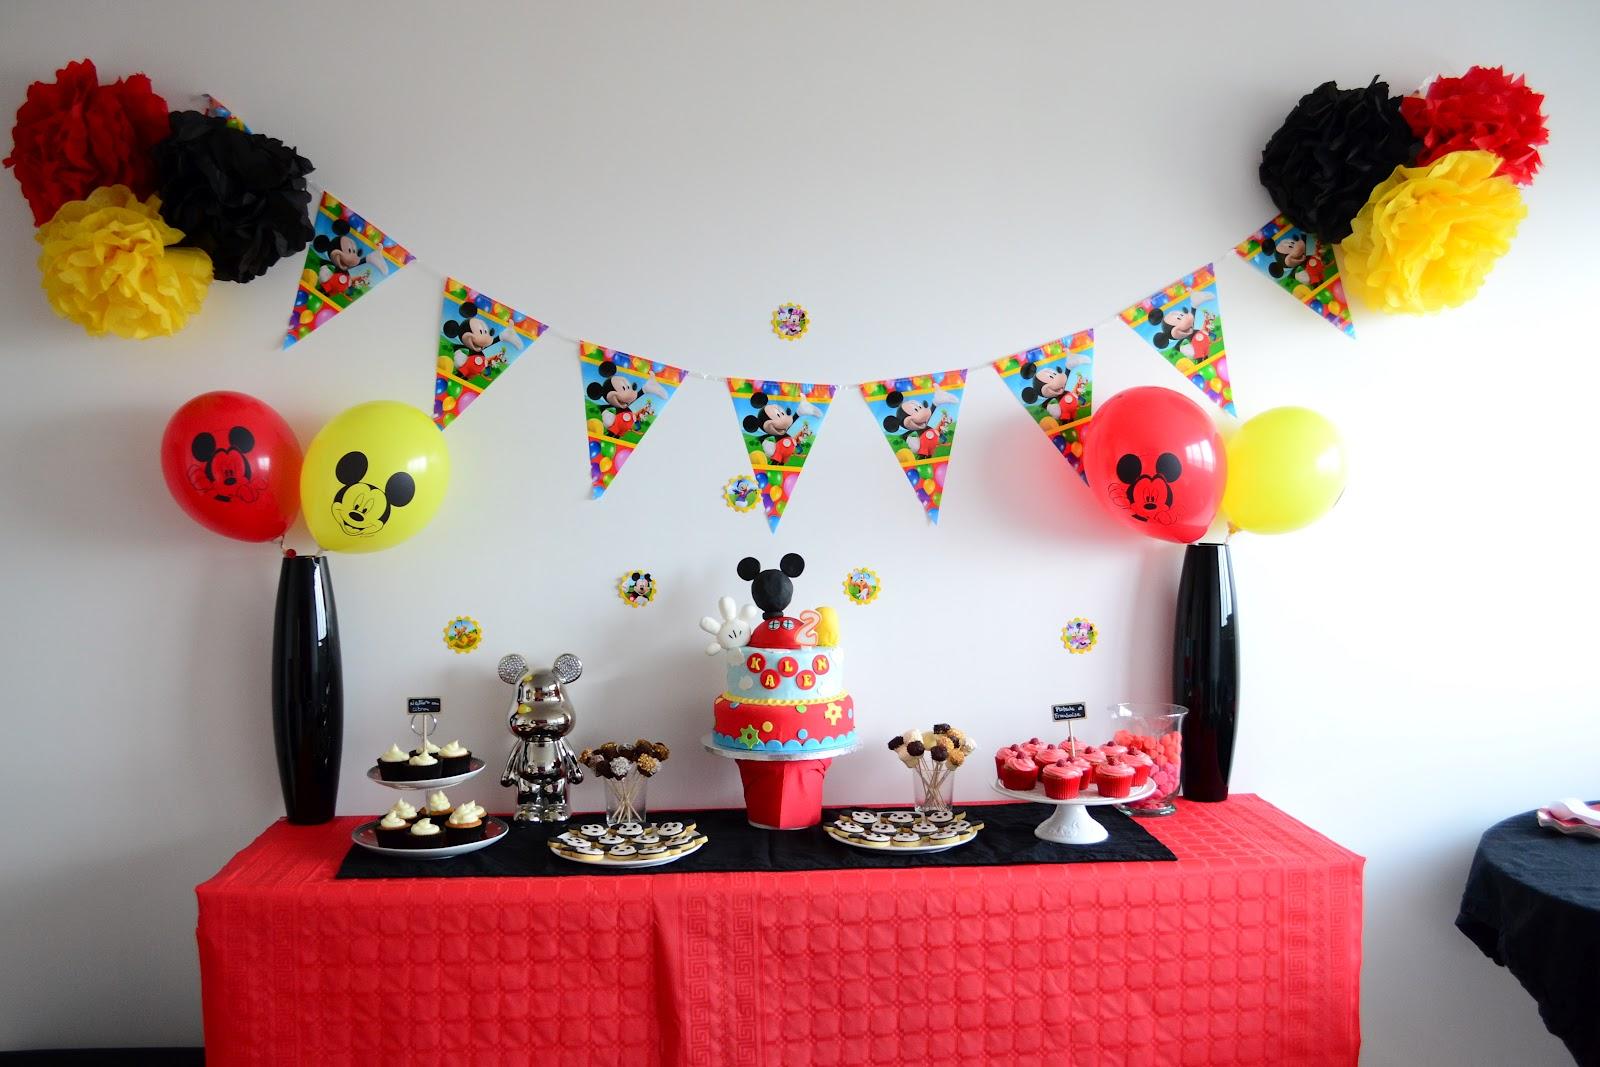 décoration rouge, noir et jaune